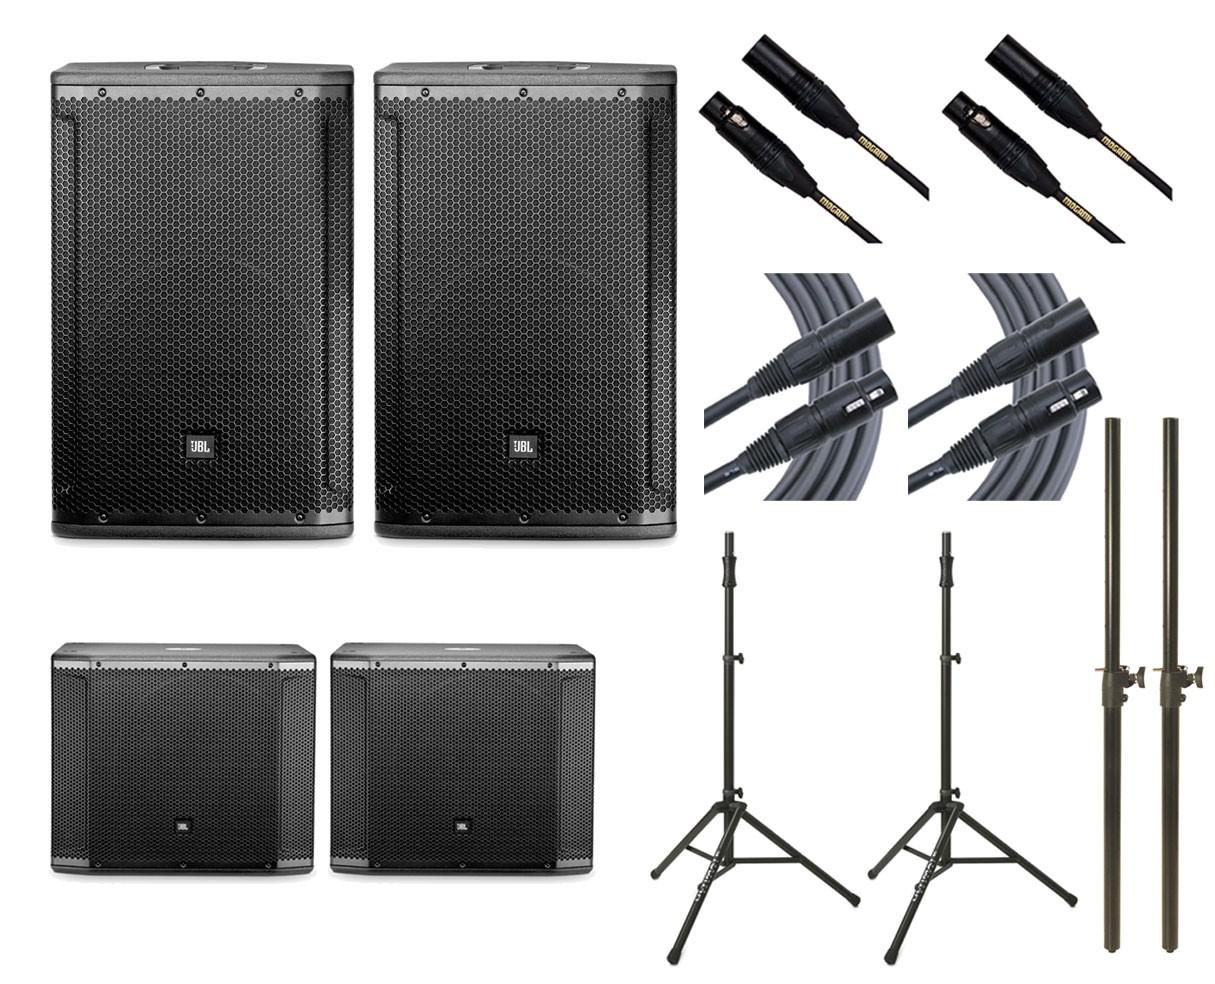 2x JBL SRX812P + 2x JBL SRX818SP + 2x Ultimate TS-100B + Mogami Cables + Poles